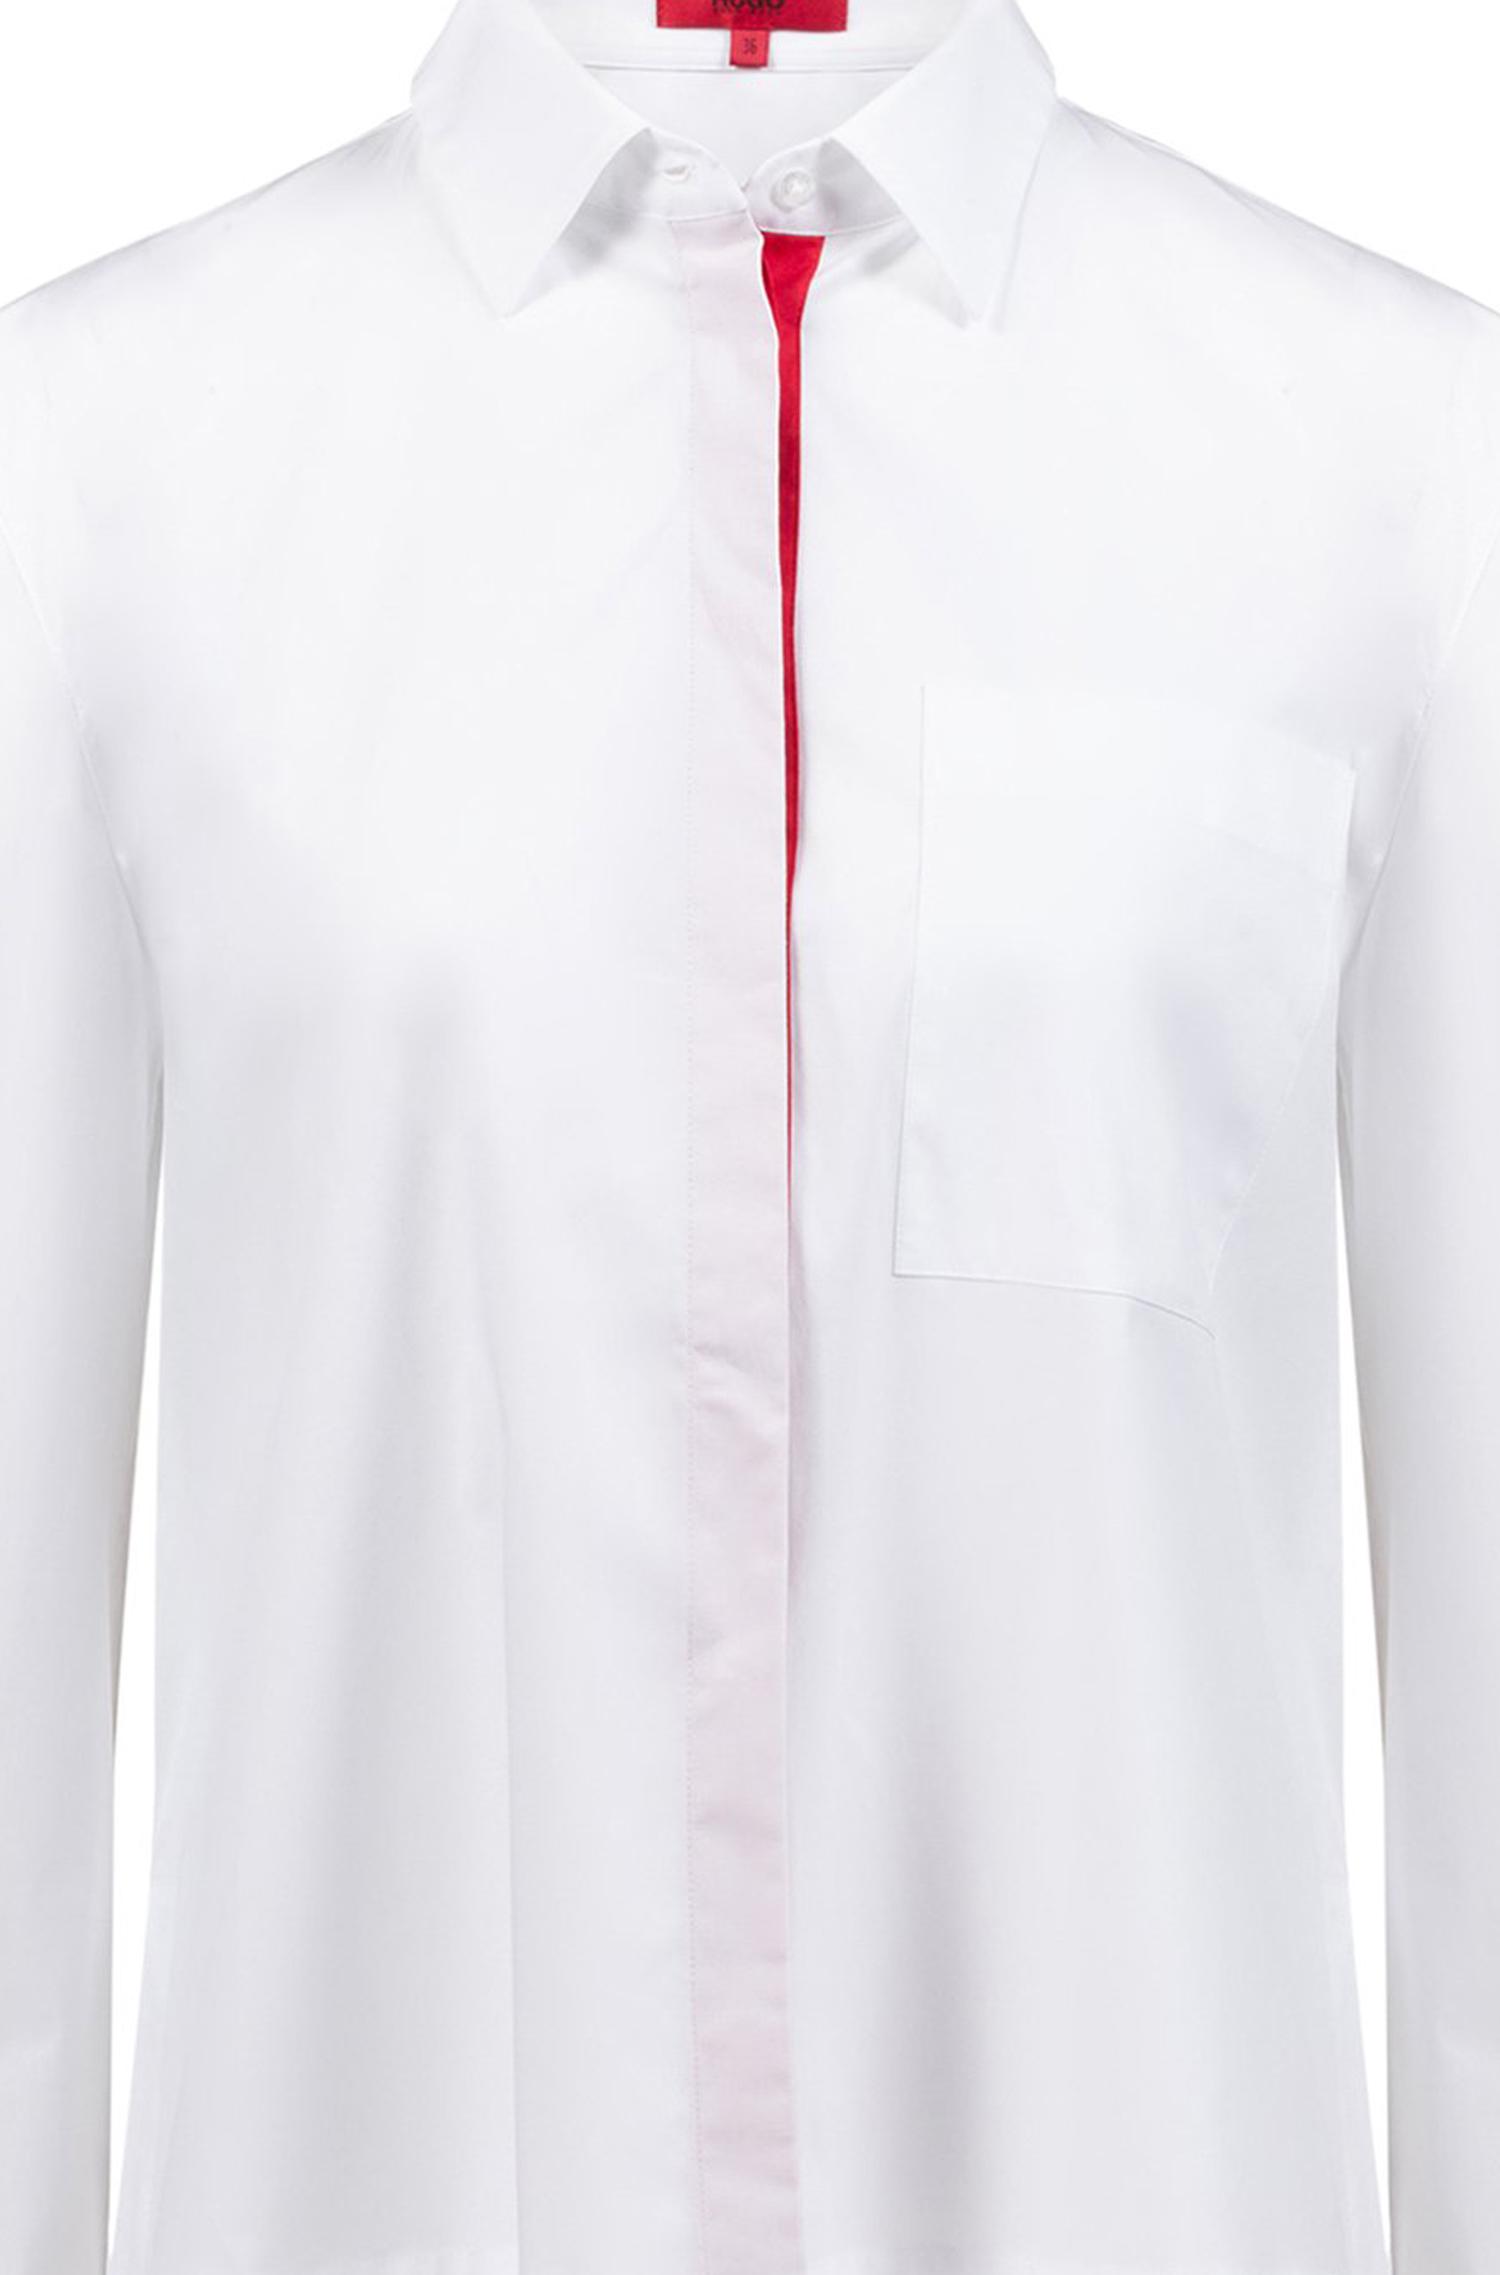 HUGO Casual Blause Eliv mit mit mit langem Saum hinten | Produktqualität  |   | Feinen Qualität  | Einzigartig  | Exquisite Handwerkskunst  628415